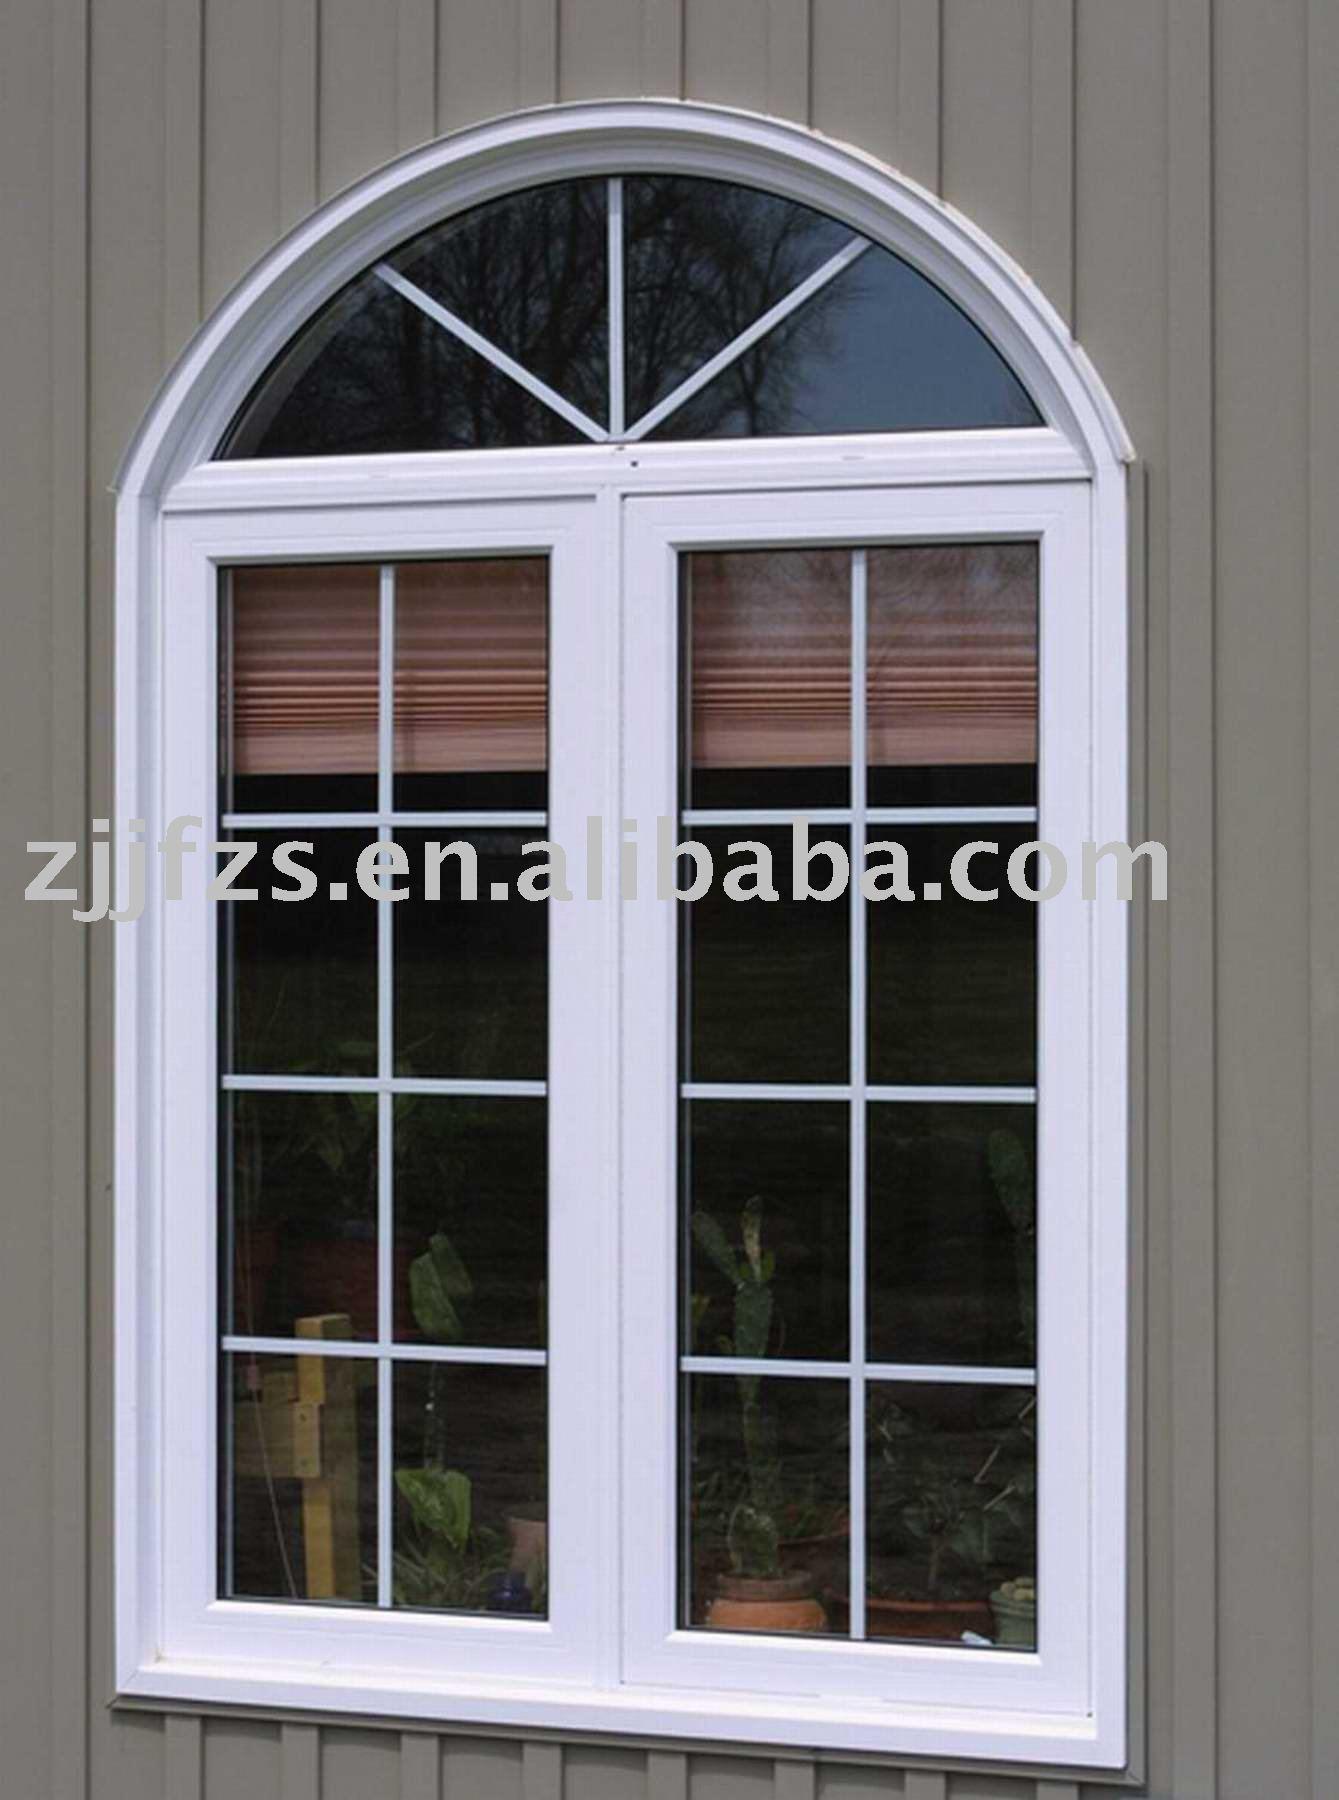 pvc fl gelfenster mit gitter europa design pvc fenster pvc bogen fl gelfenster fenster produkt. Black Bedroom Furniture Sets. Home Design Ideas